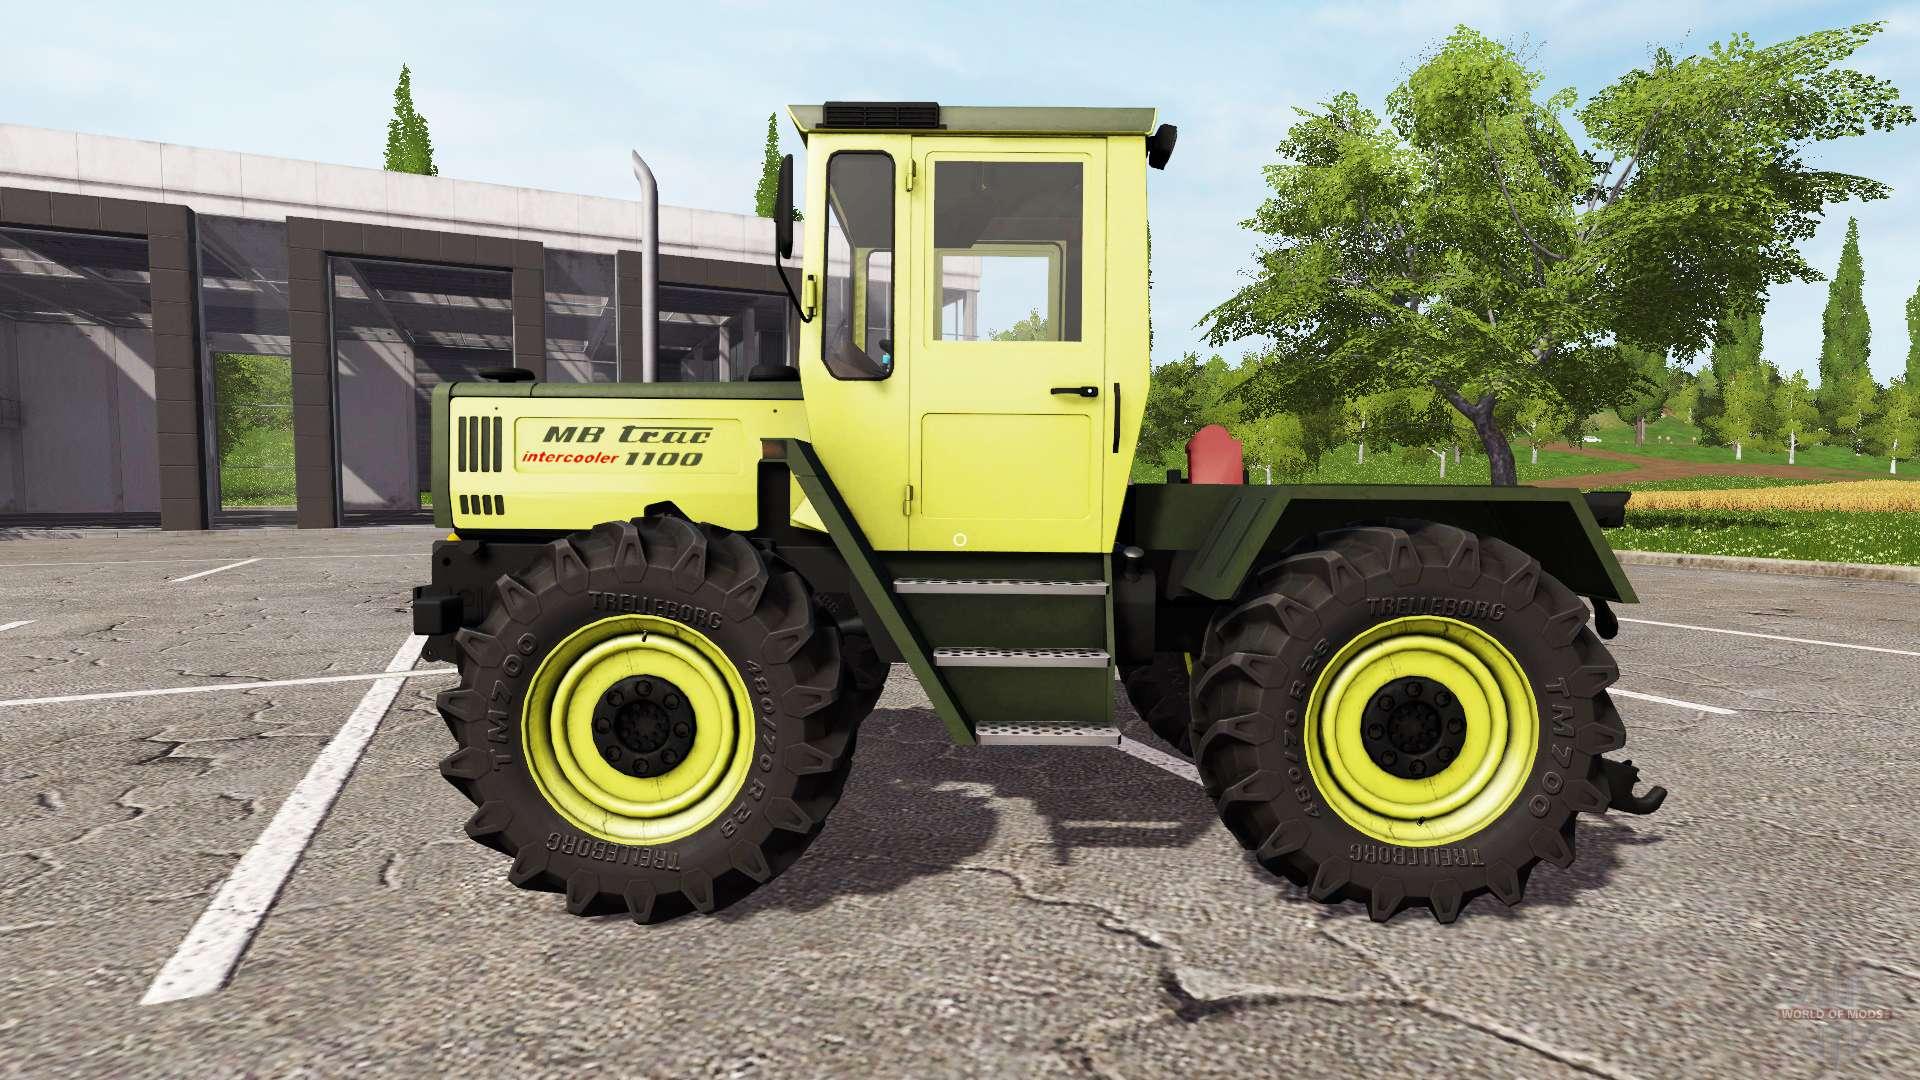 mercedes benz trac 1100 intercooler v1 1 f r farming. Black Bedroom Furniture Sets. Home Design Ideas